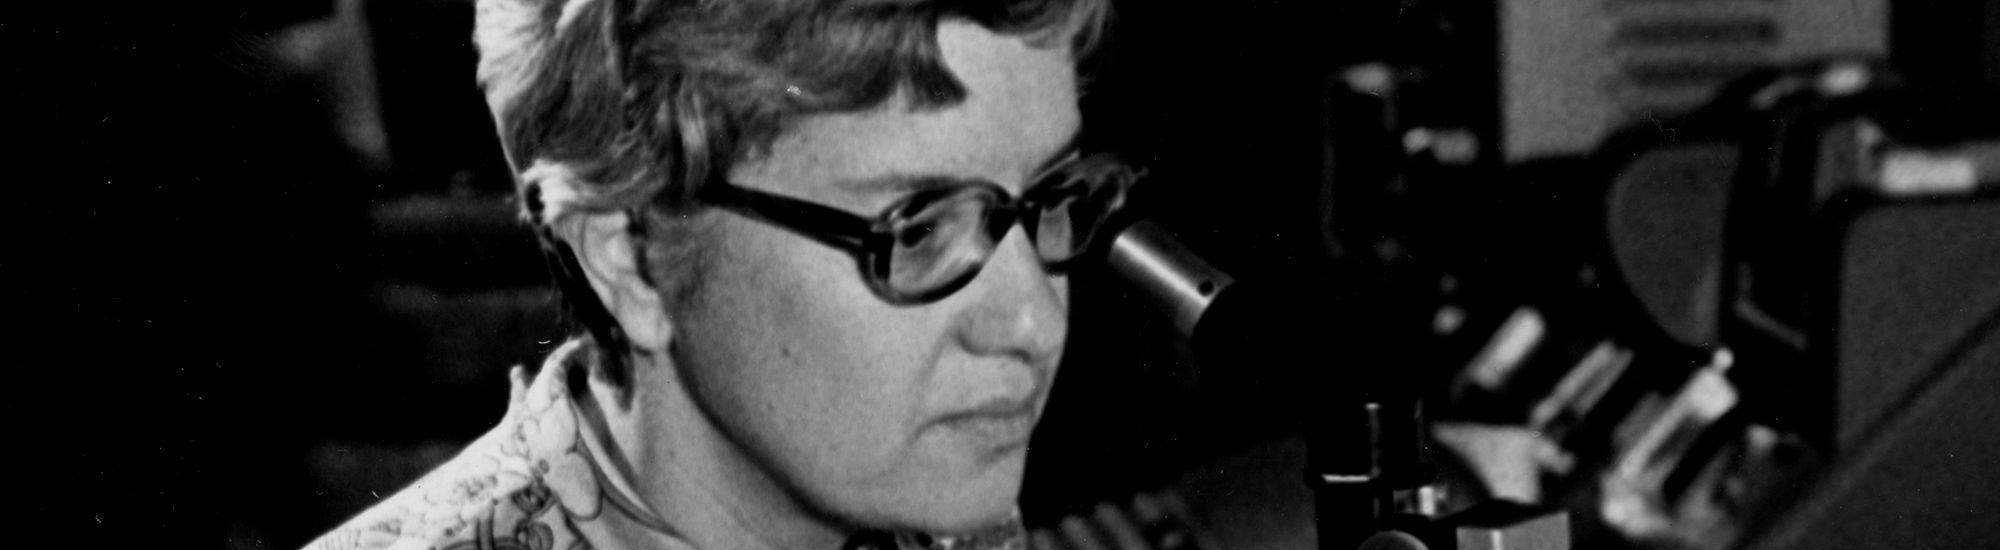 Vera Rubin looks into a microscope